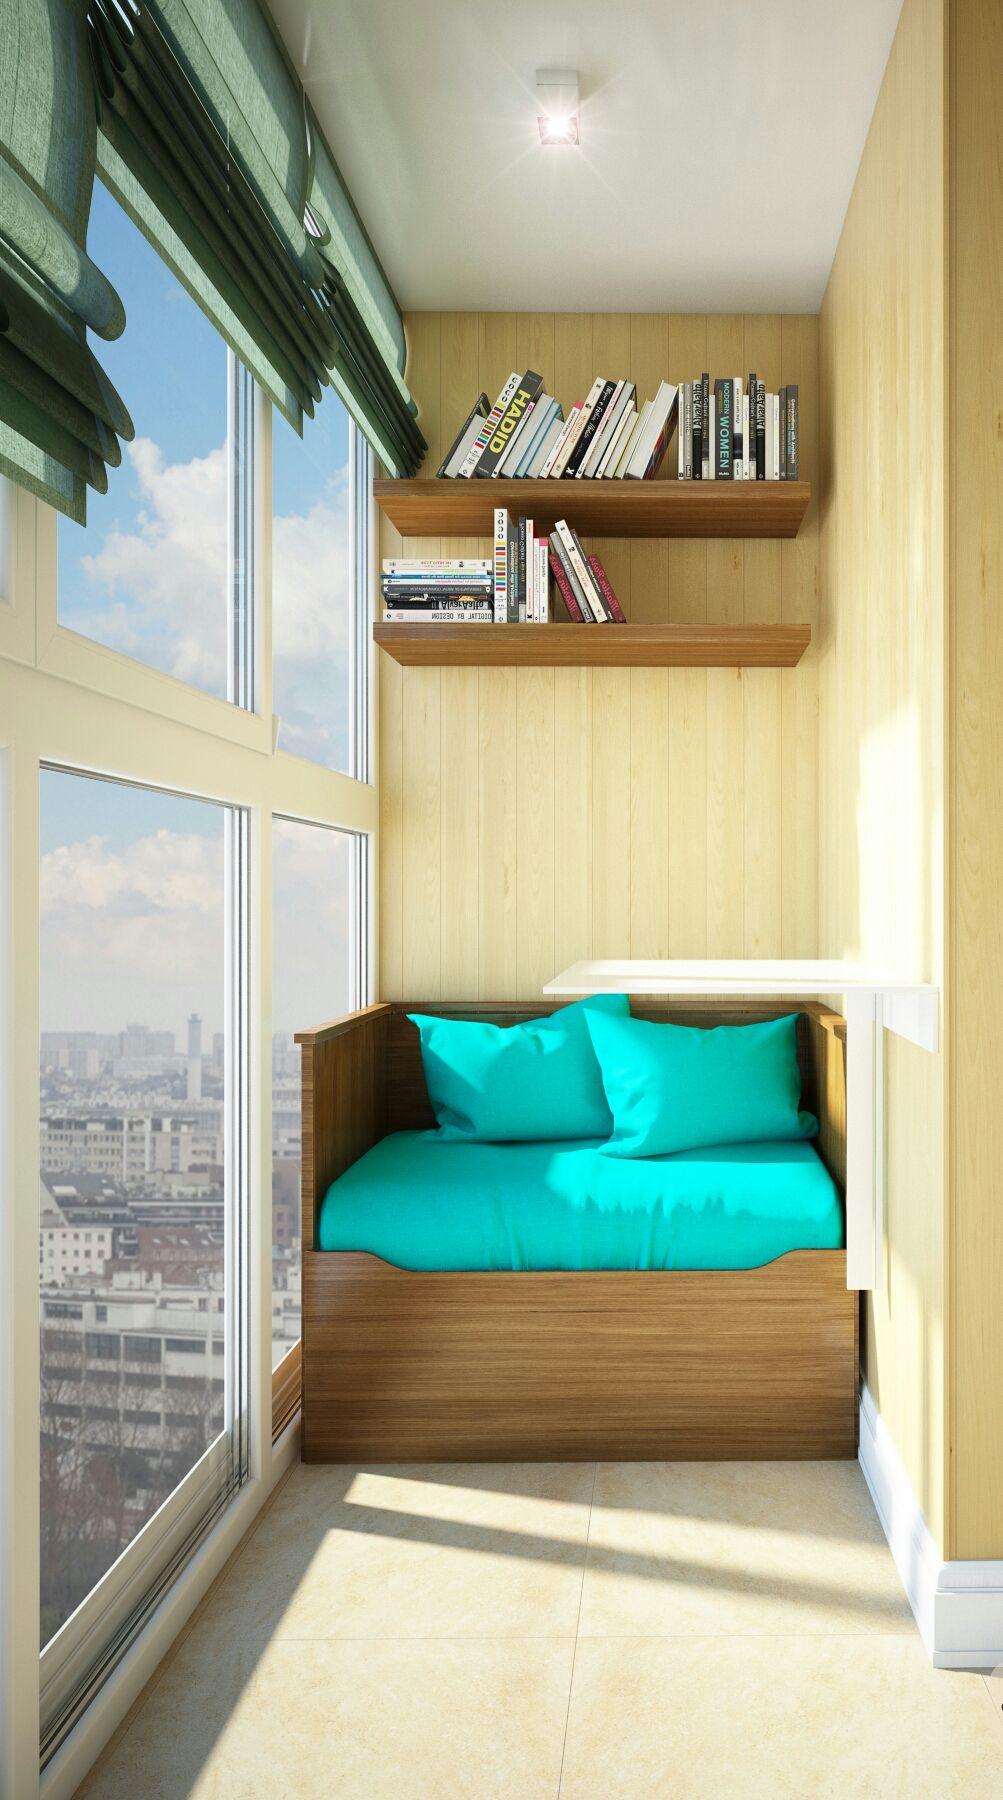 Обустройство балкона - 10 практических совета   Pinterest ...